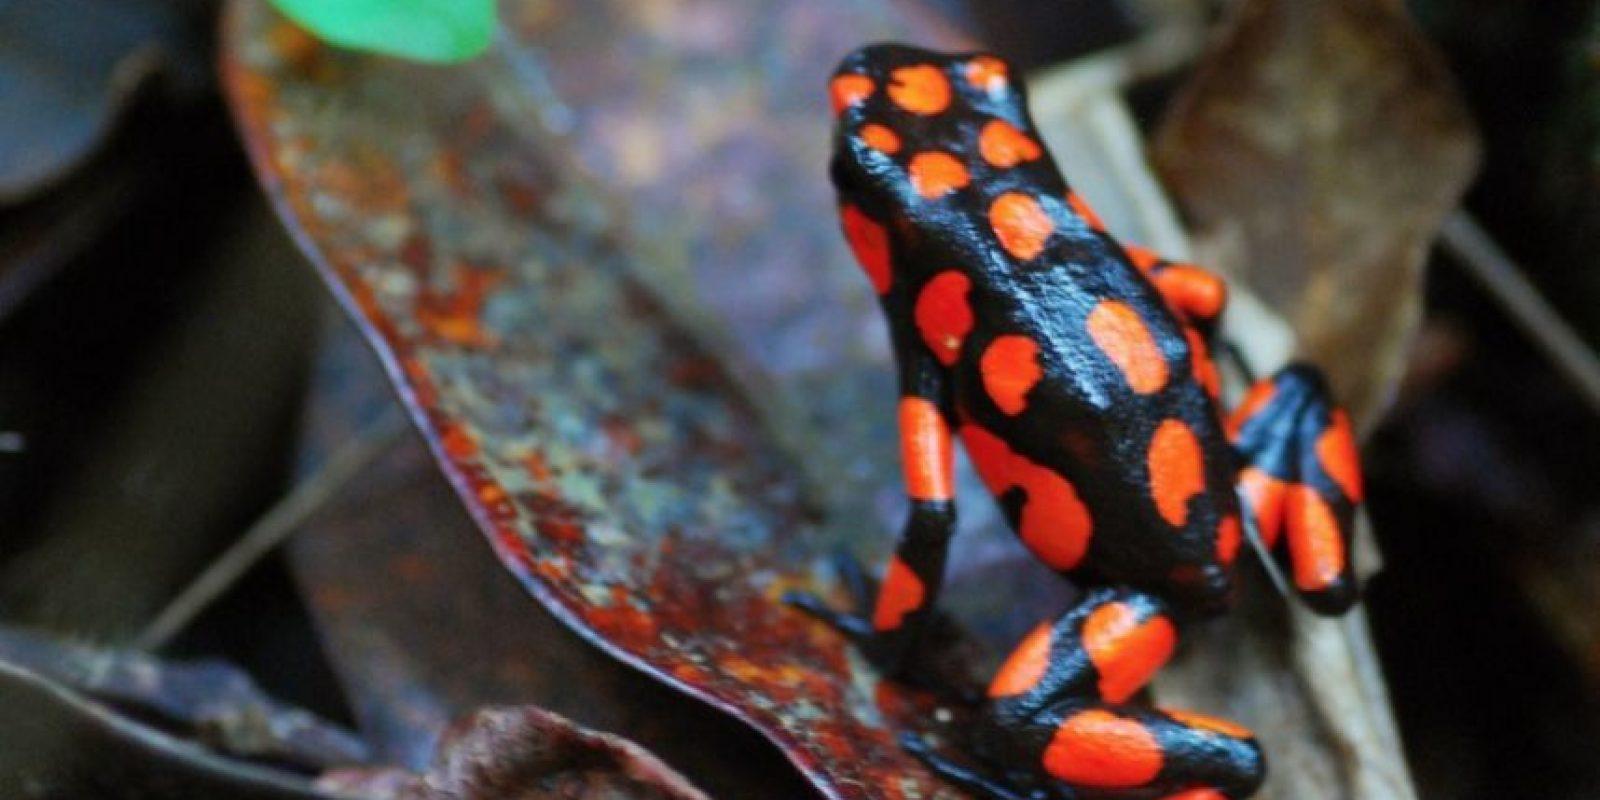 Rana venenosa en Chocó en Colombia Foto:Flickr.com/photos/mario_carvajal/4914008205